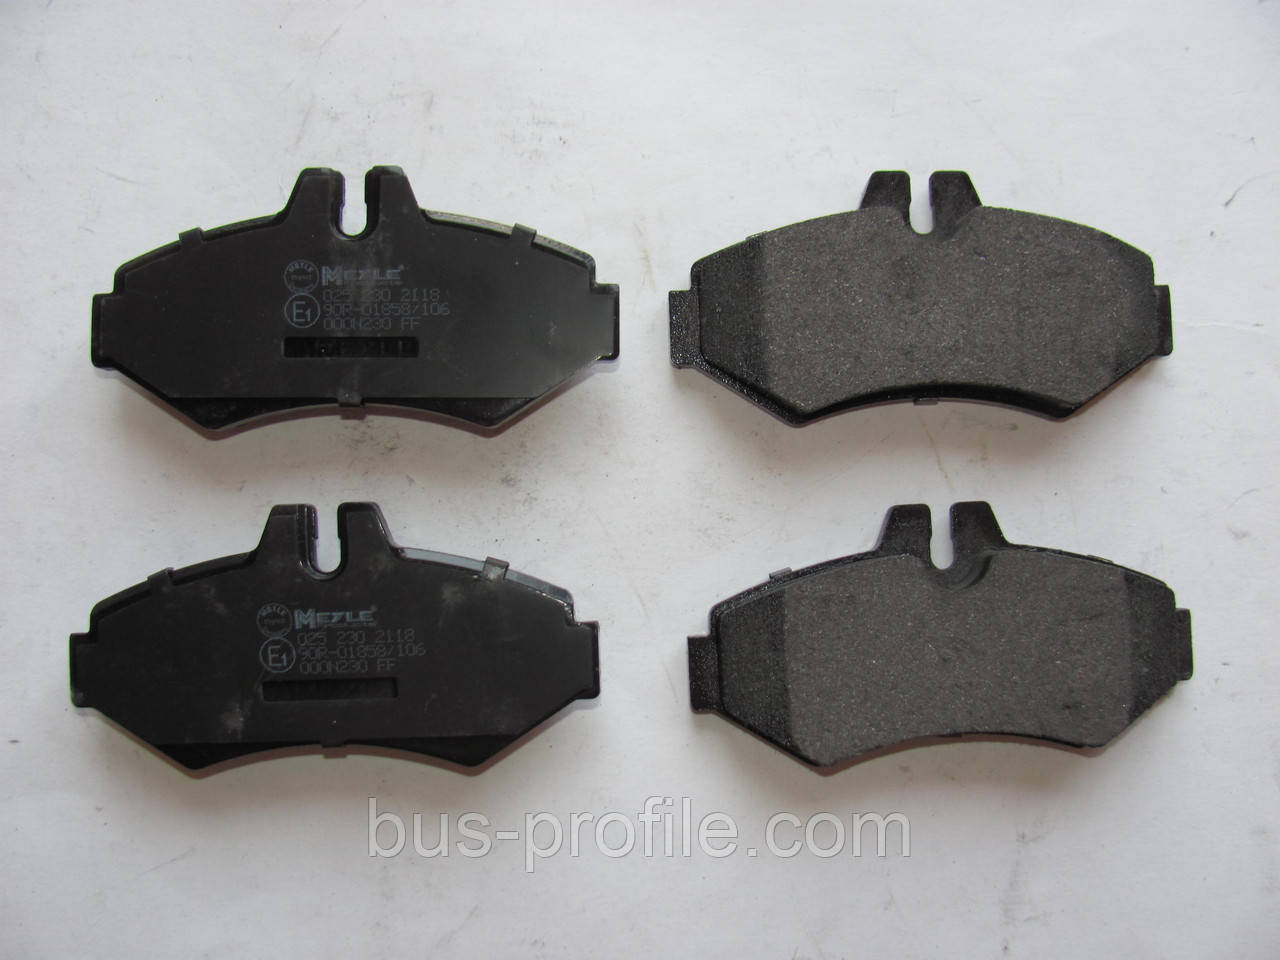 Задние колодки (без молоточков) на MB Sprinter 308-316, VW LT 35 1996-2006 — Meyle (Германия) — 0252302118